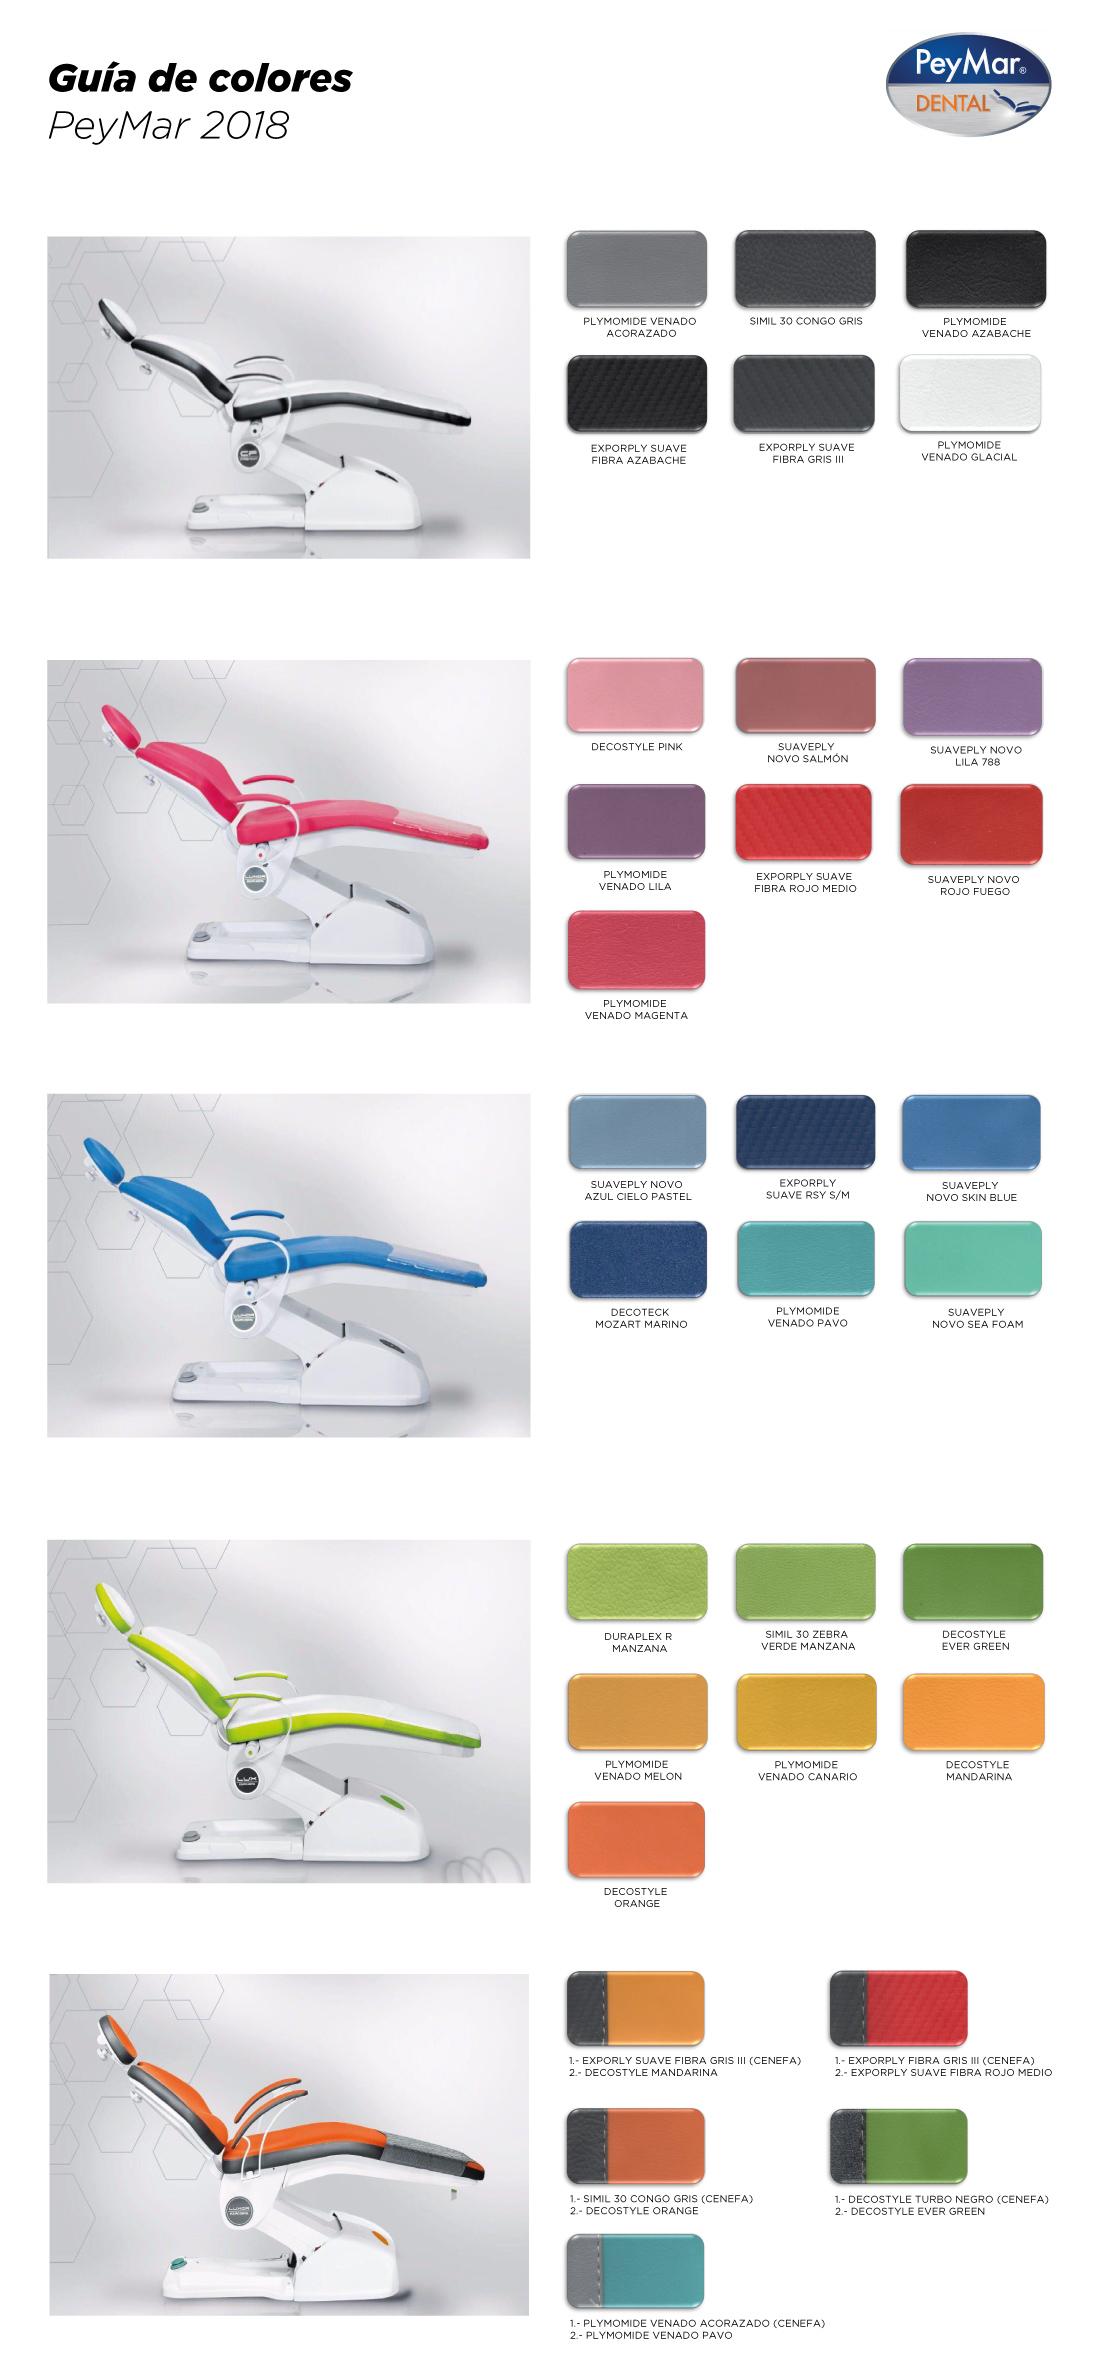 Guia de Colores Peymar